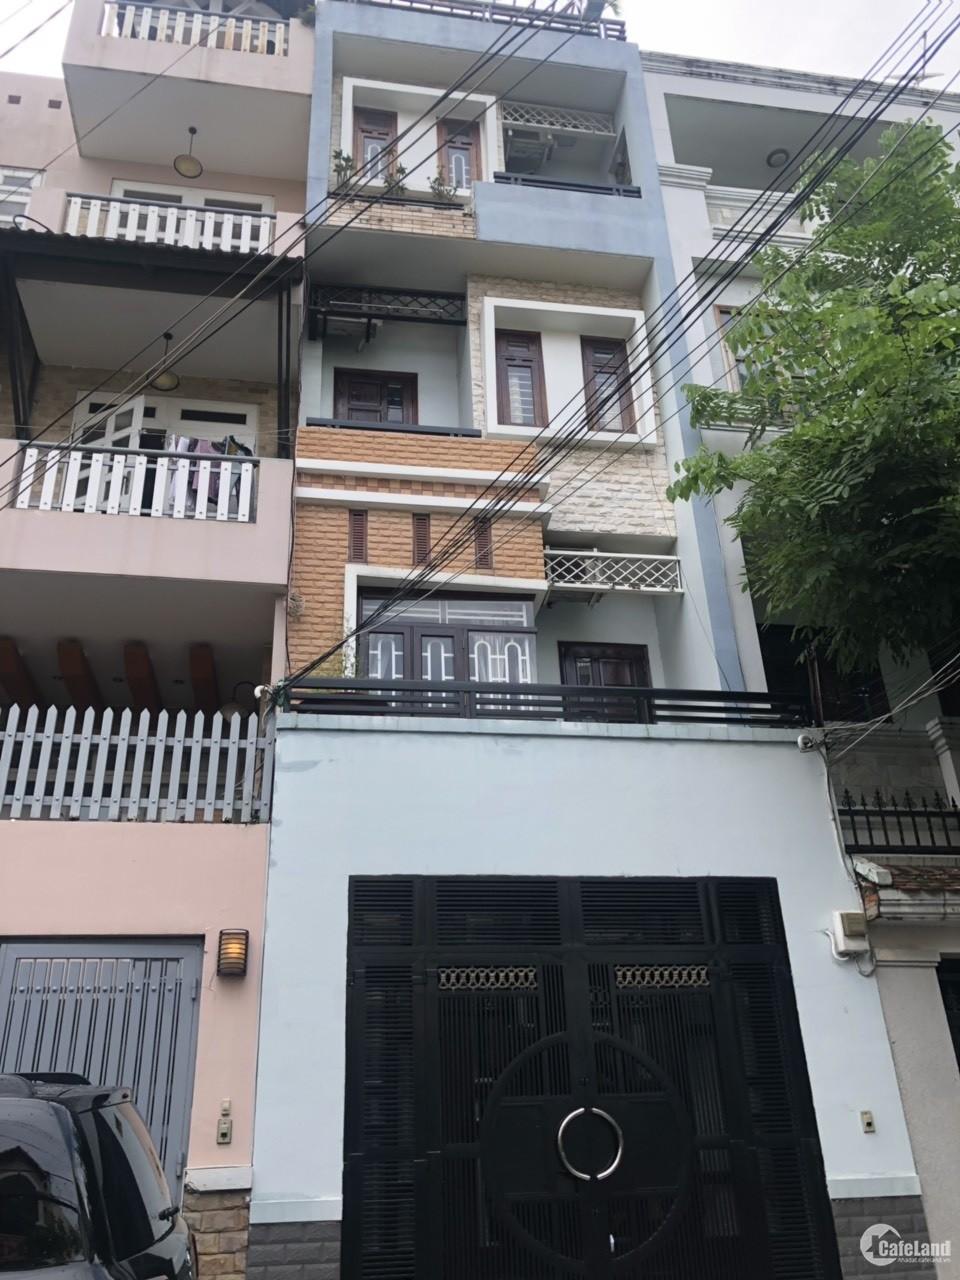 Bán nhà HXH khu VIP đường D5 ,P25, Q.Bình Thạnh 4x18 ,4 tầng siêu đẹp giá 14 tỷ